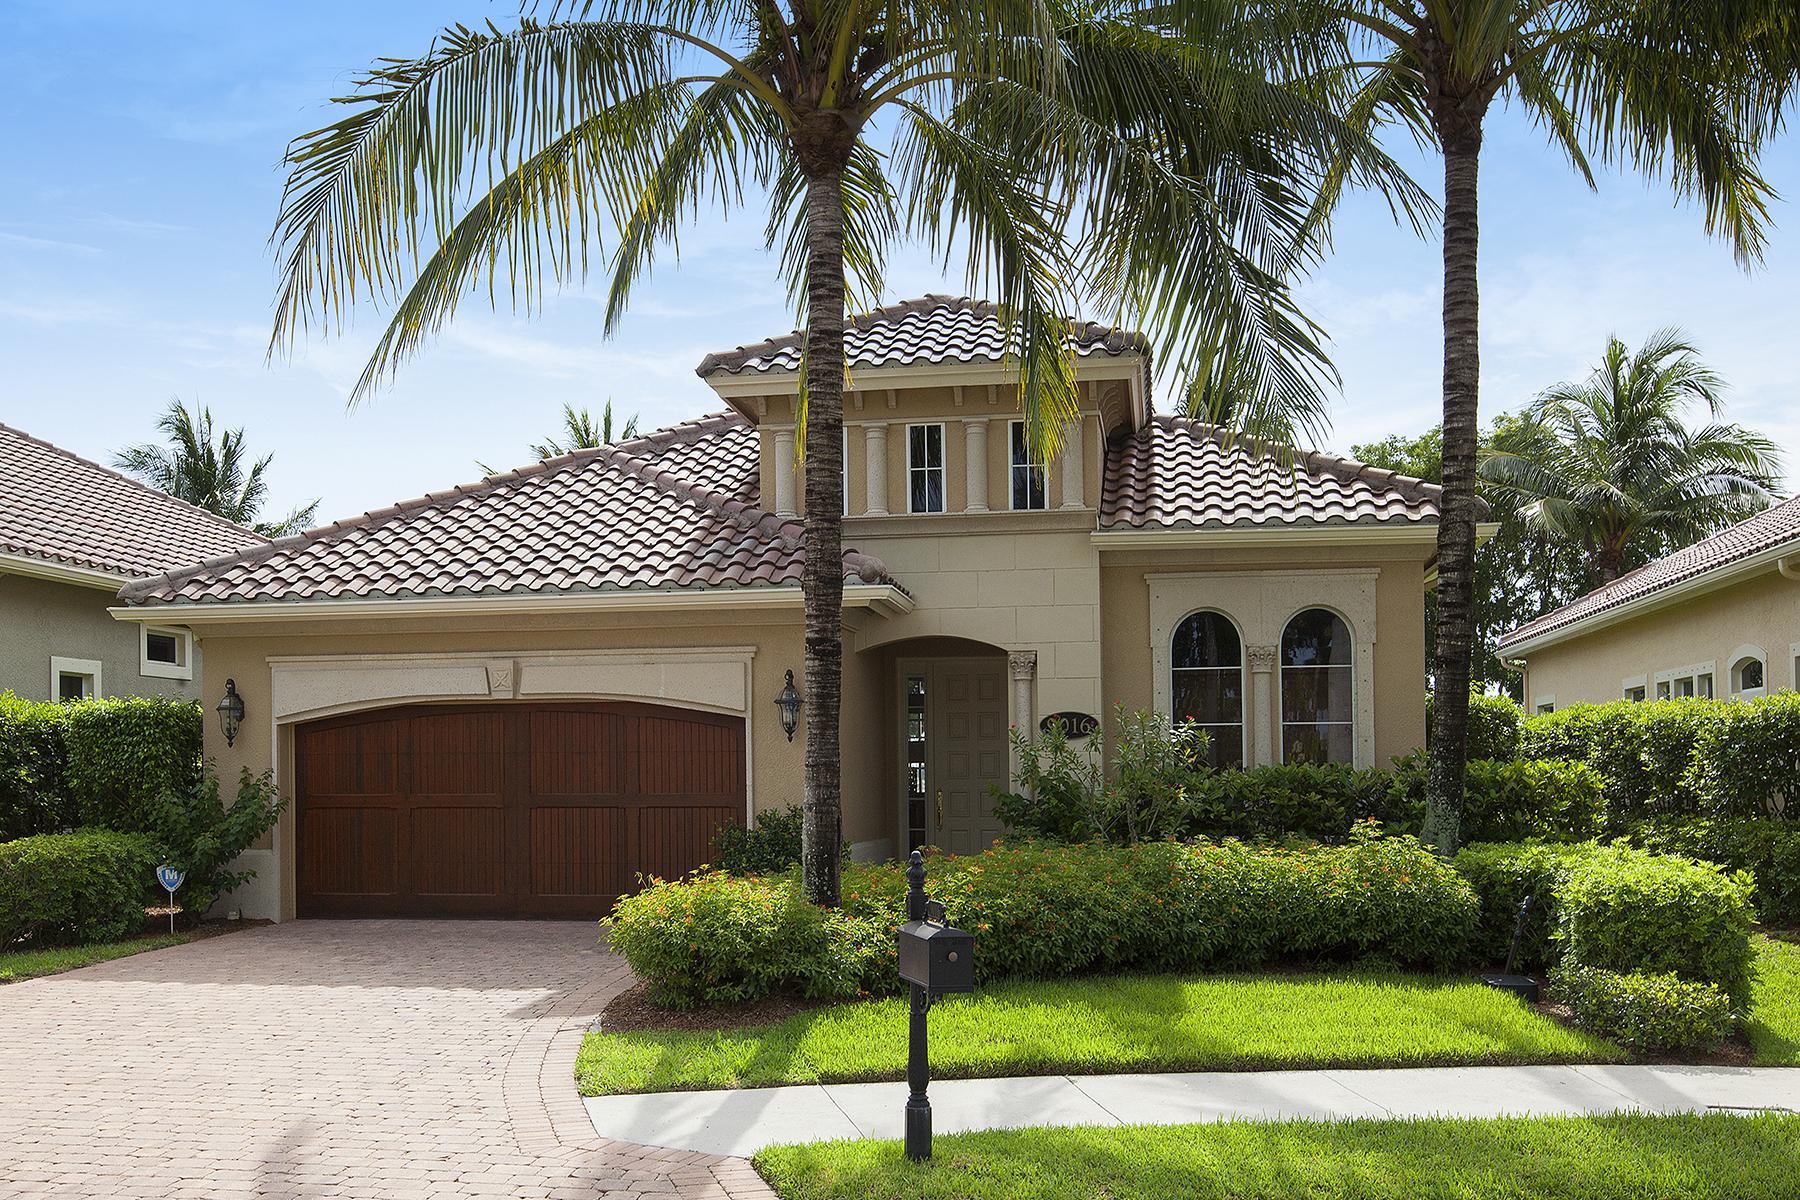 一戸建て のために 売買 アット FIDDLER'S CREEK - CRANBERRY CROSSING 9016 Cherry Oaks Trl Naples, フロリダ, 34114 アメリカ合衆国